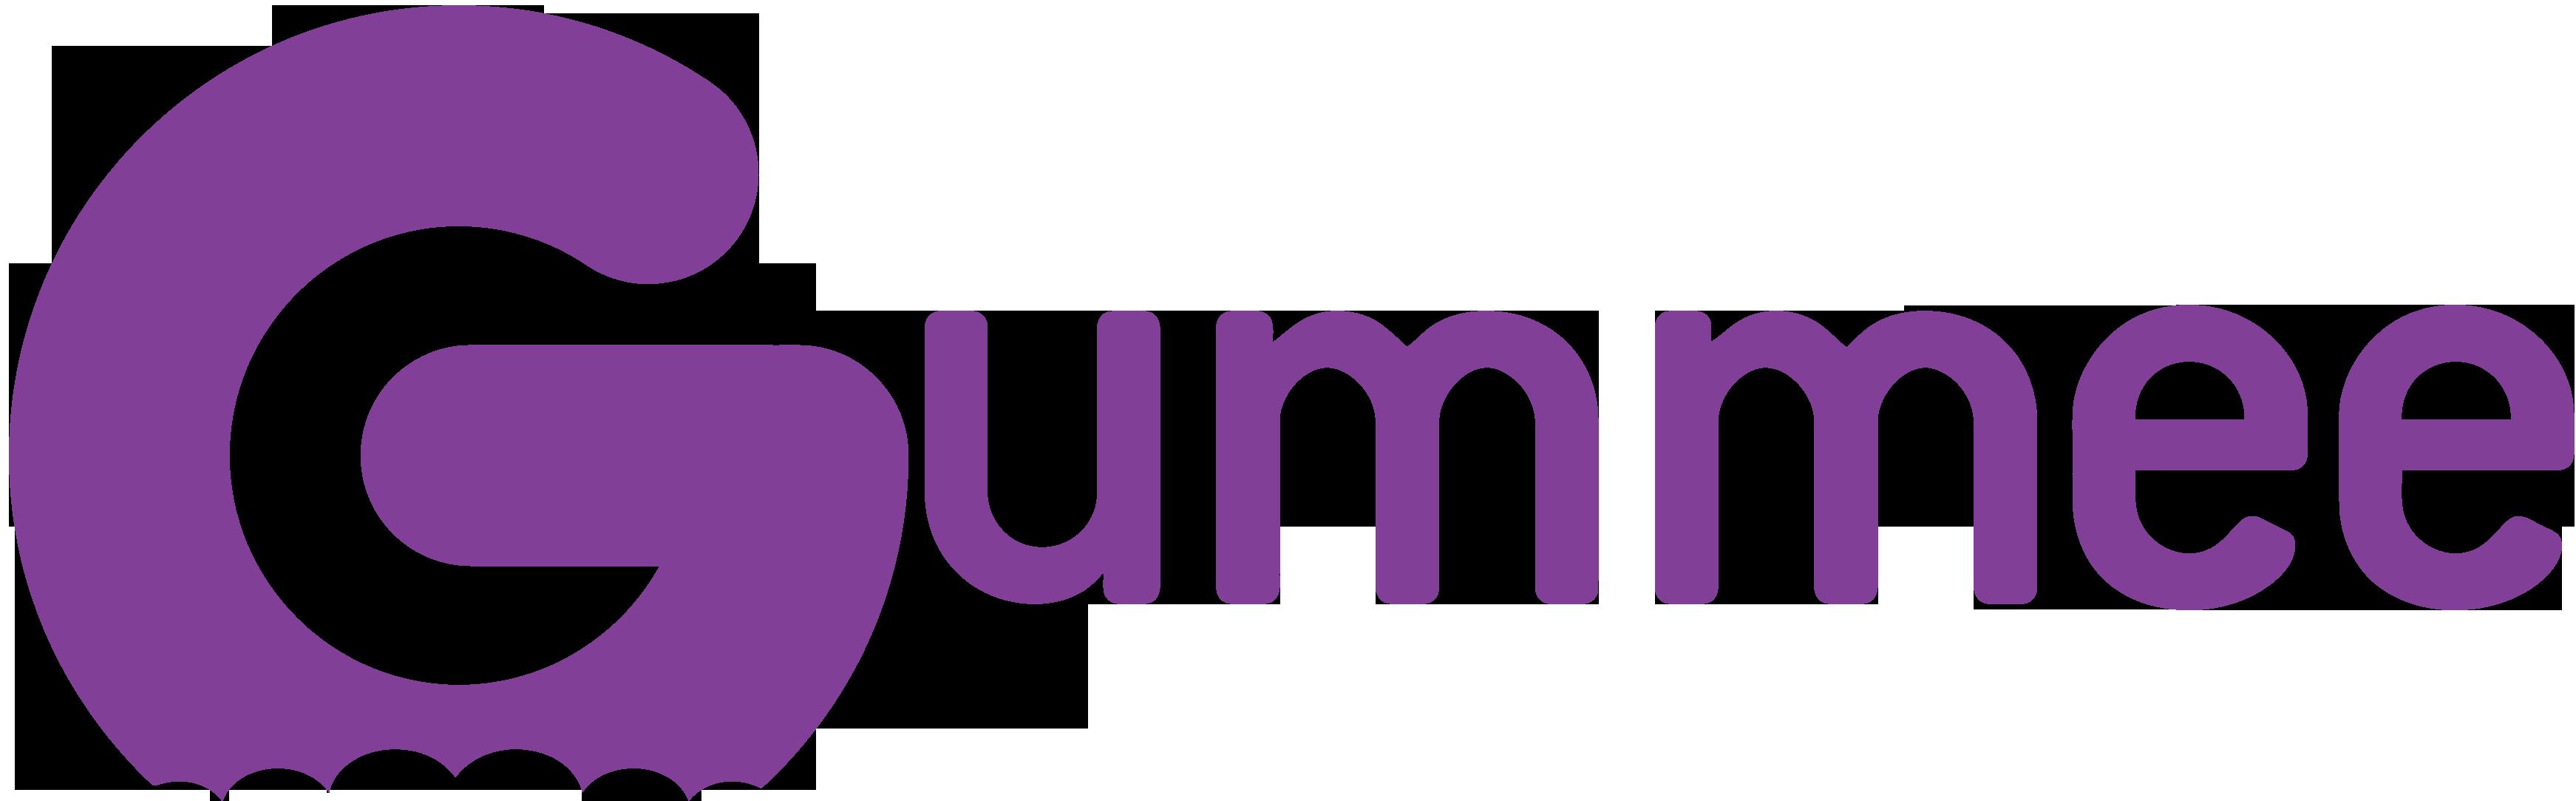 GummeeLogoVector